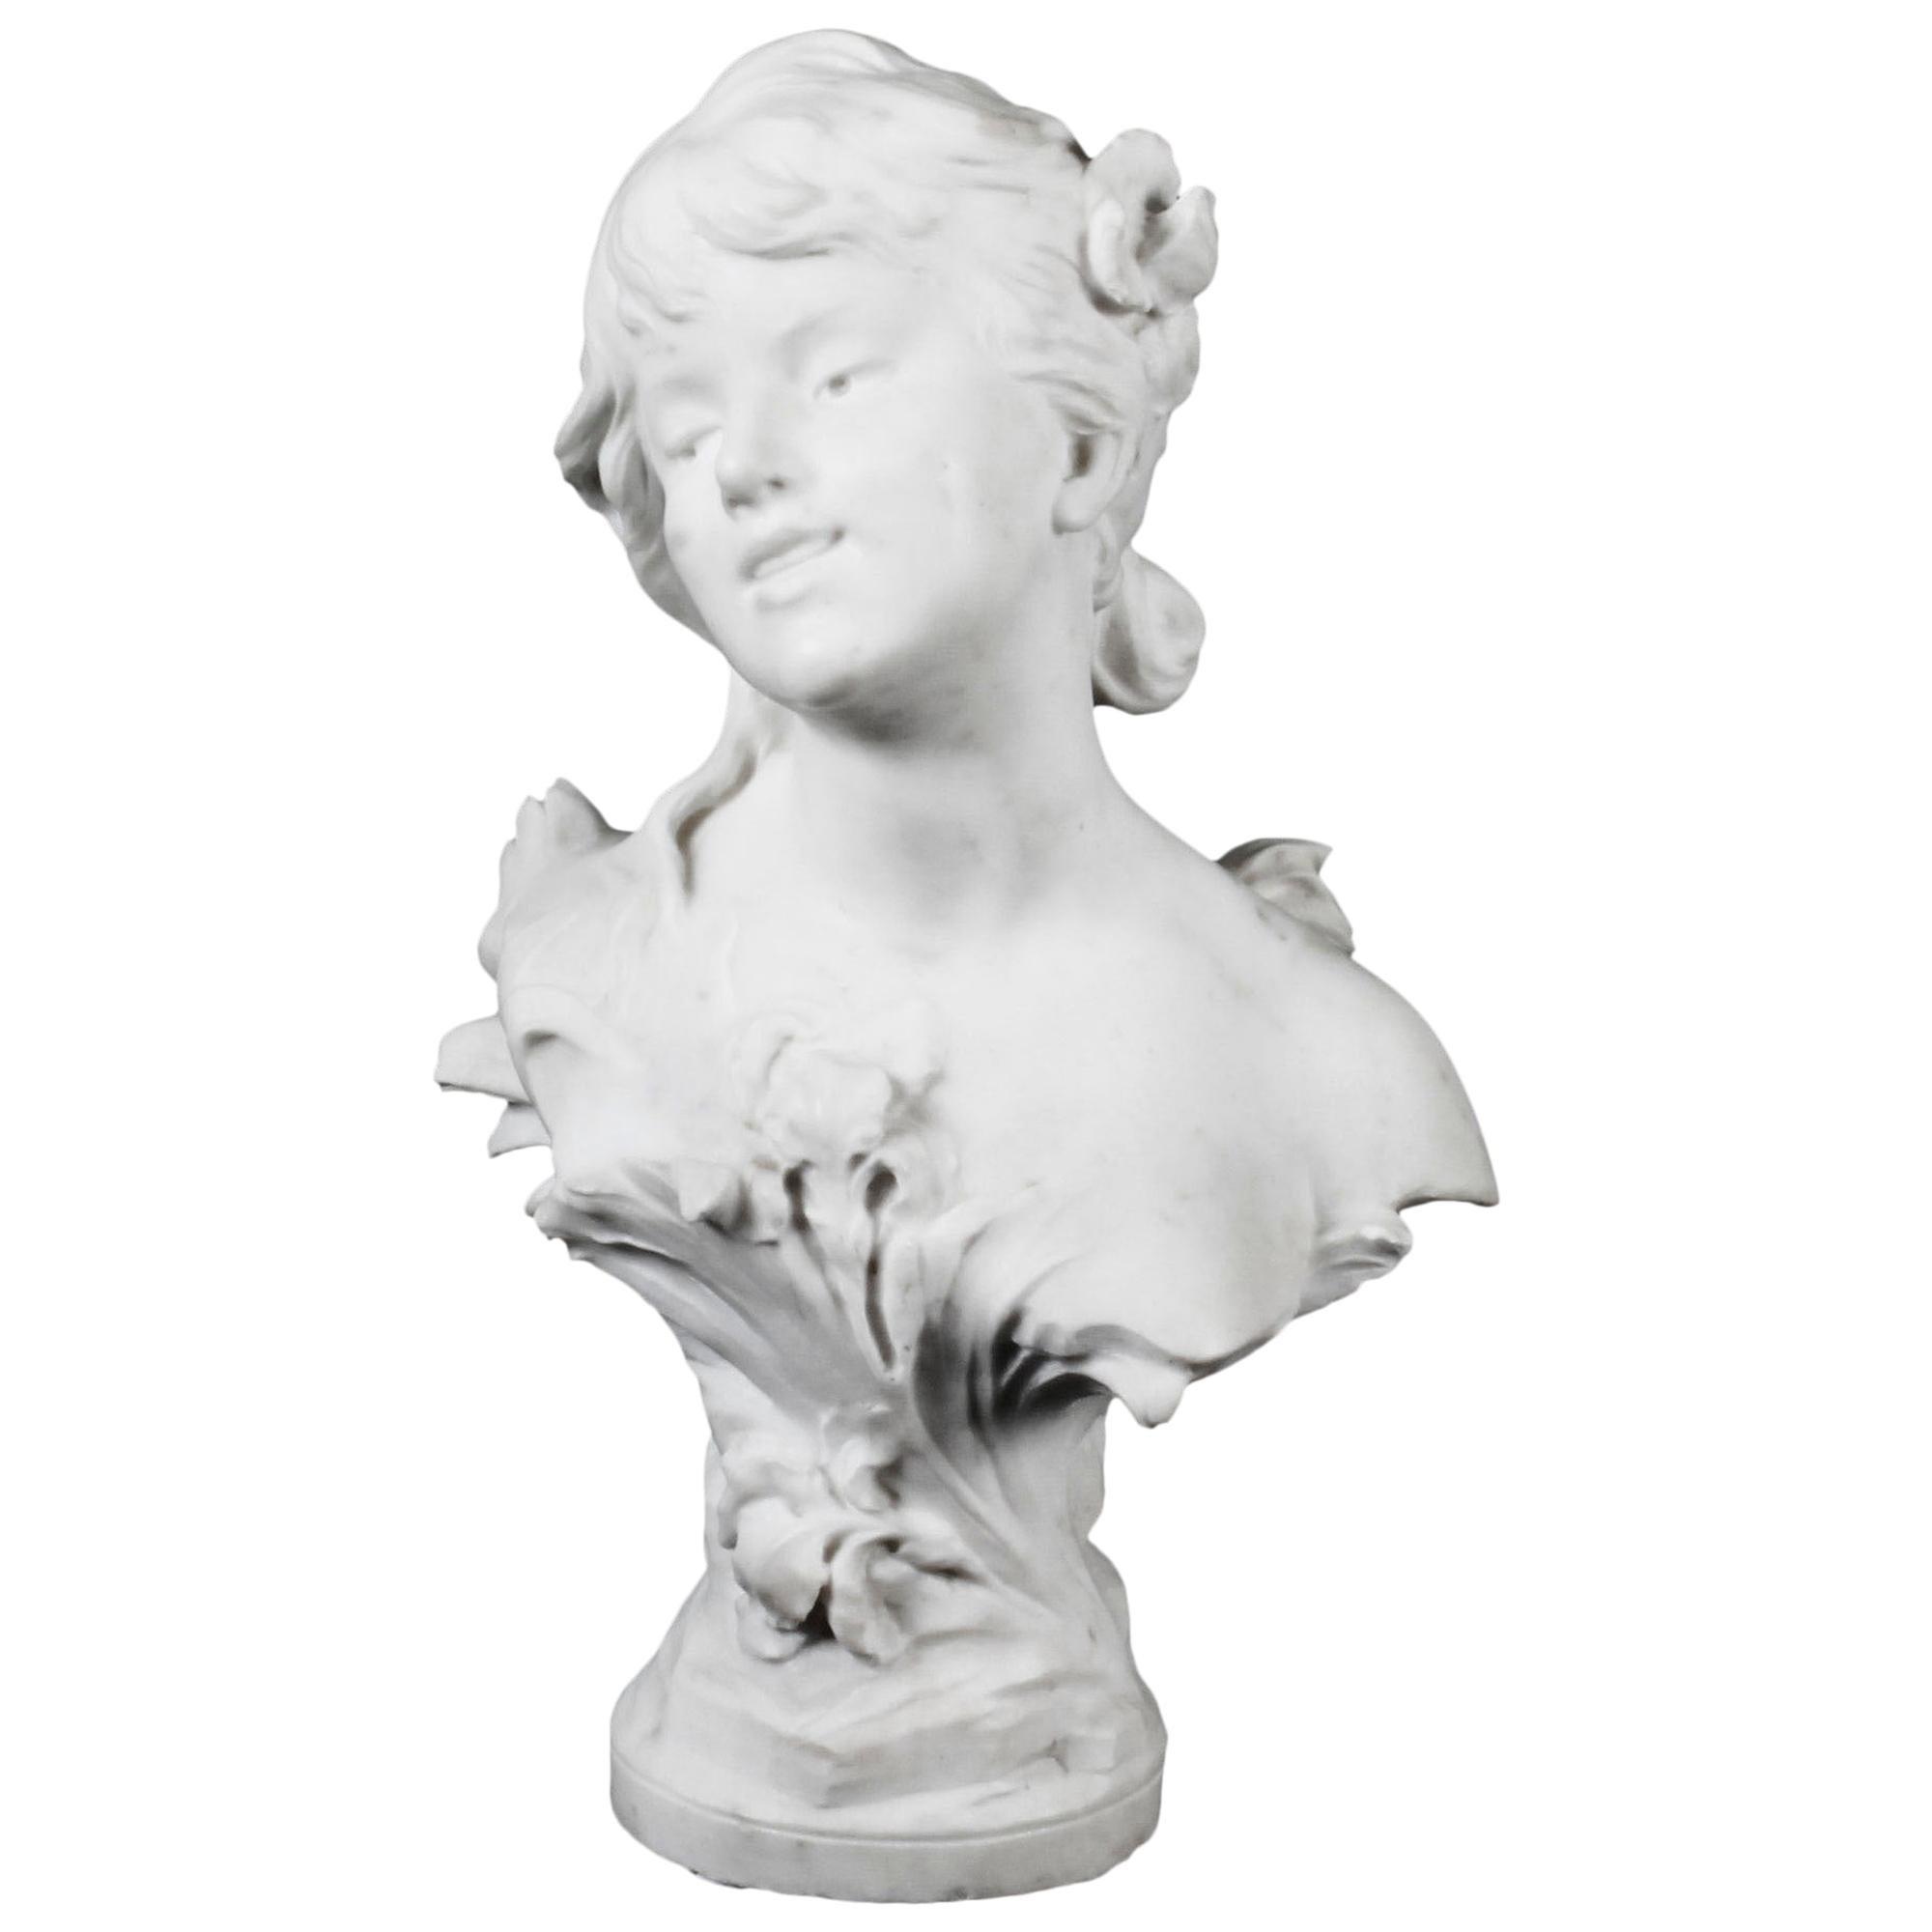 Antique Carrara Marble Portrait Bust by Auguste Moreau, 19th Century